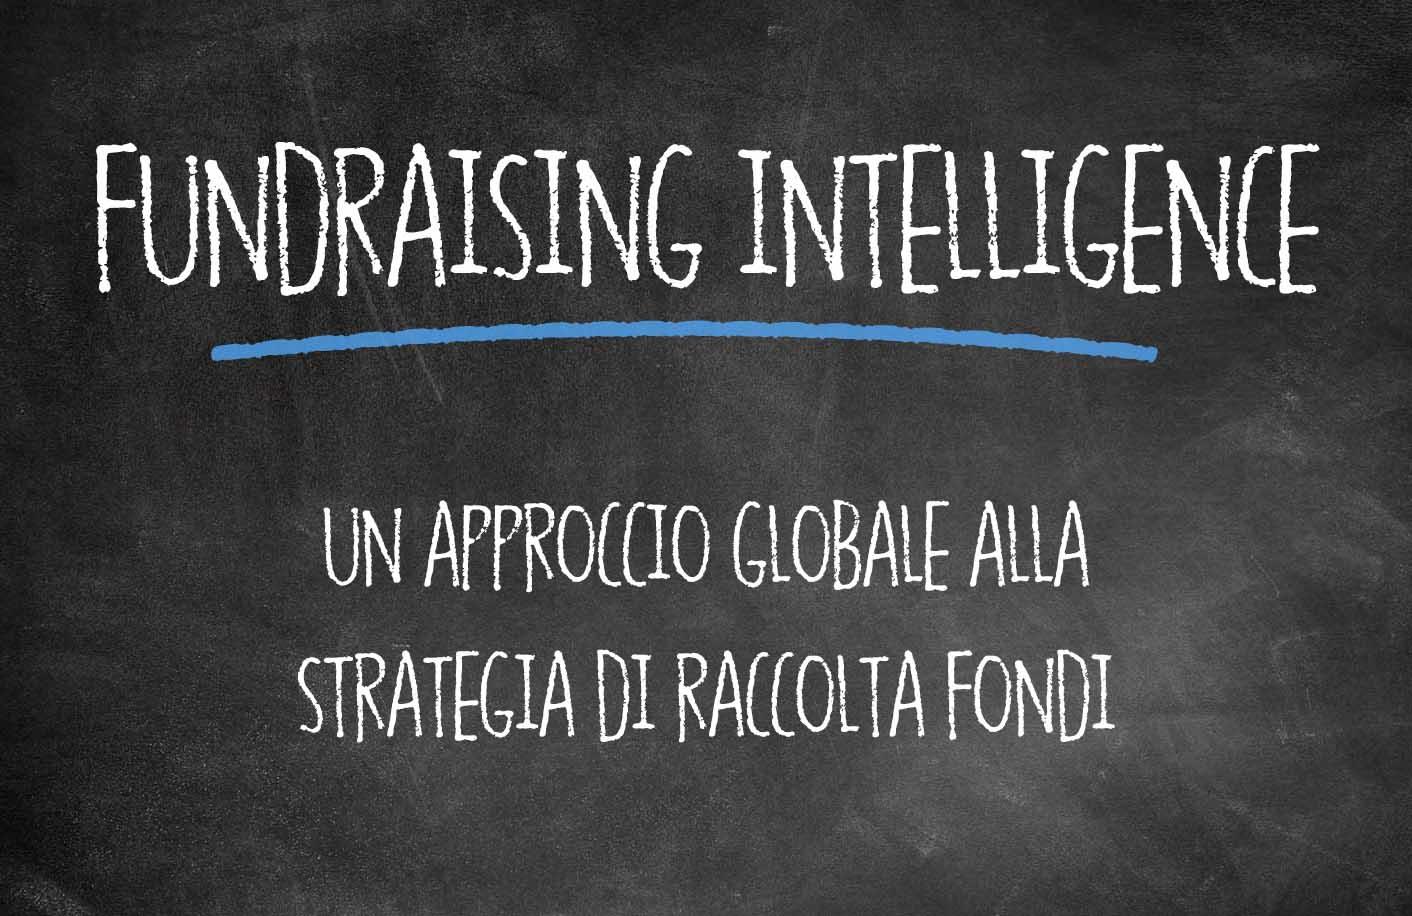 FUNDRAISING INTELLIGENCE: un approccio globale alla strategia di raccolta fondi